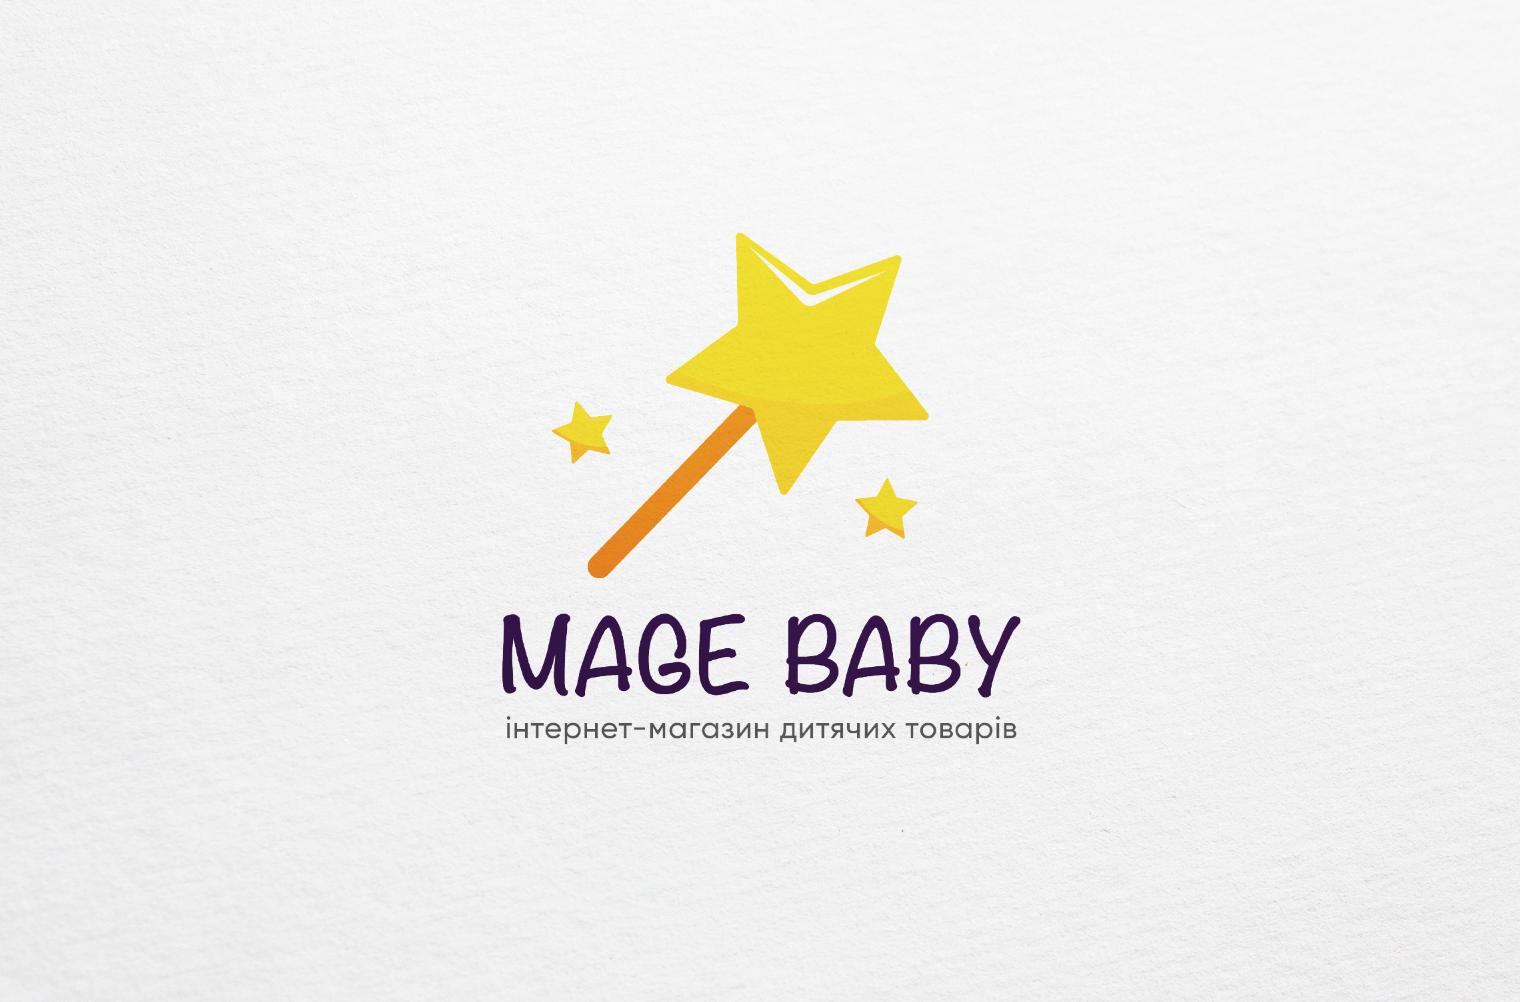 Фото Дизайн логотипа для интернет-магазина детских товаров